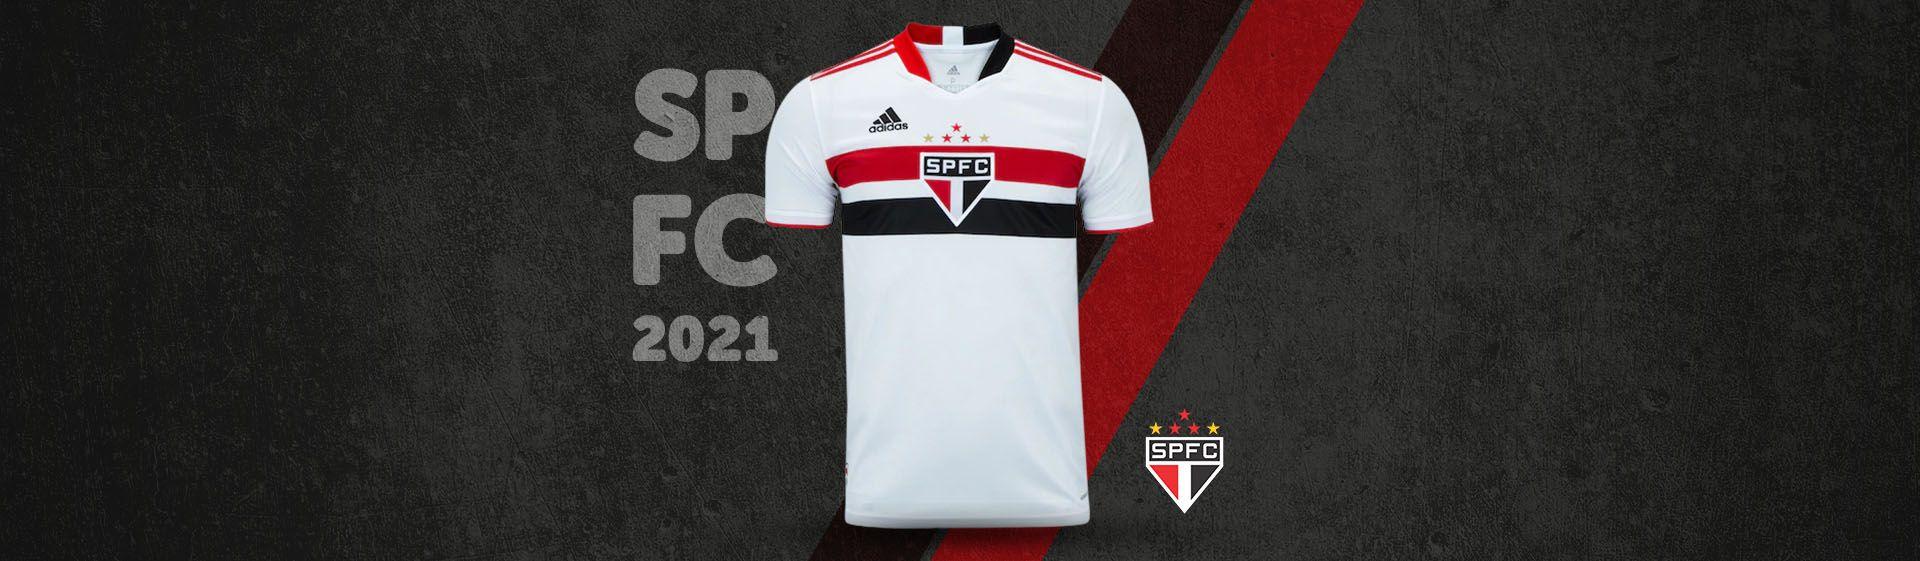 Camisa do São Paulo: camisas do São Paulo para comprar em 2021